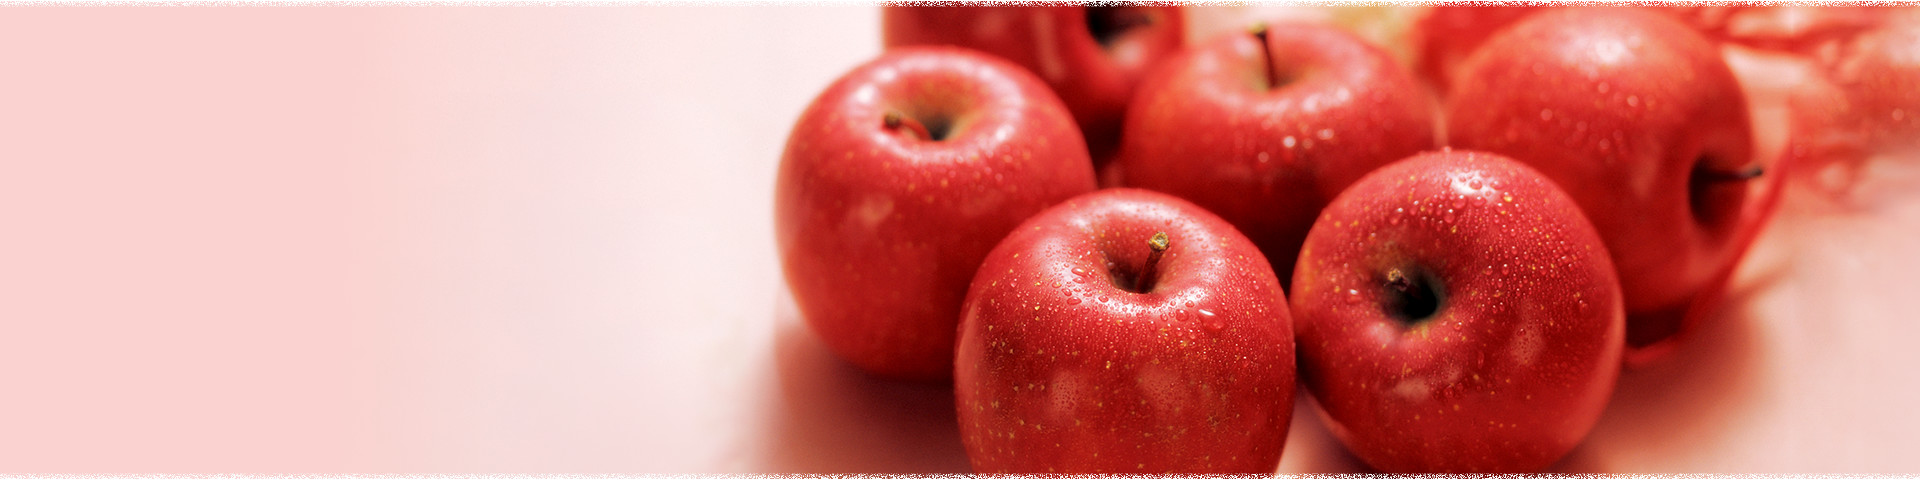 南信州の自然で育った味わい豊かなりんごやしめじをお届け致します